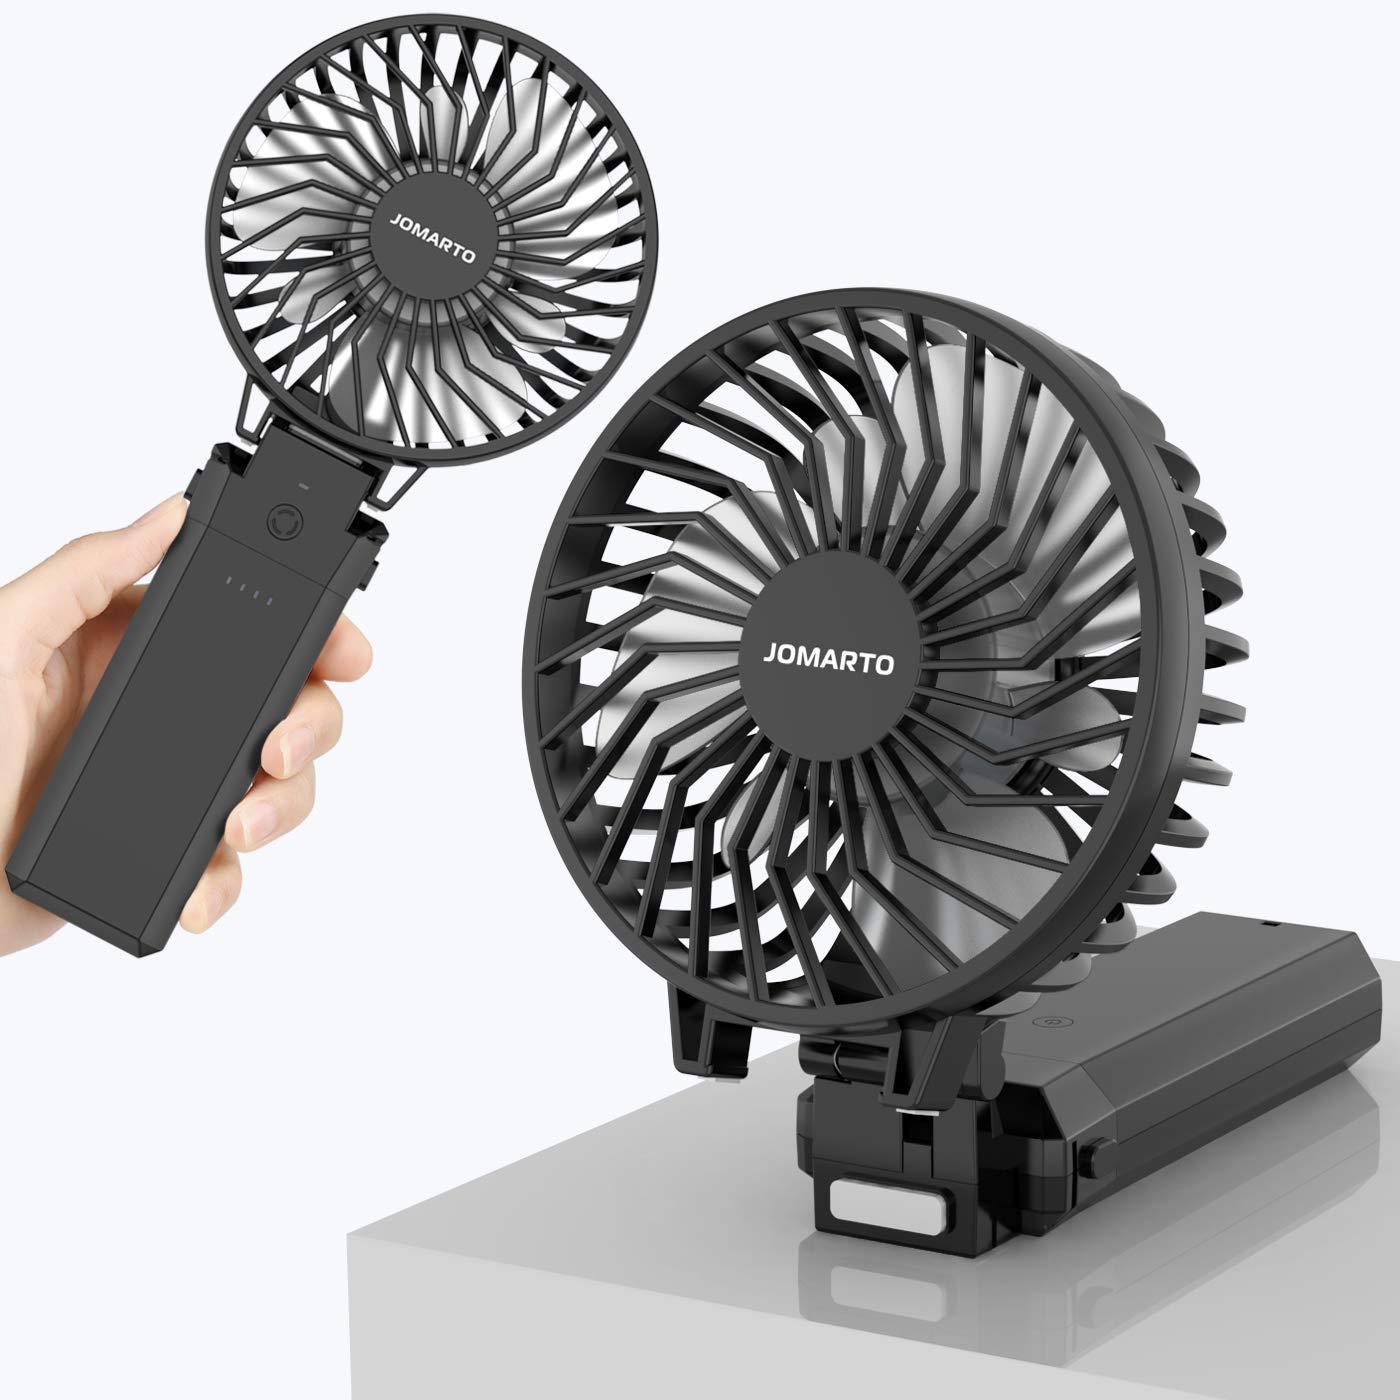 携帯扇風機ランキング